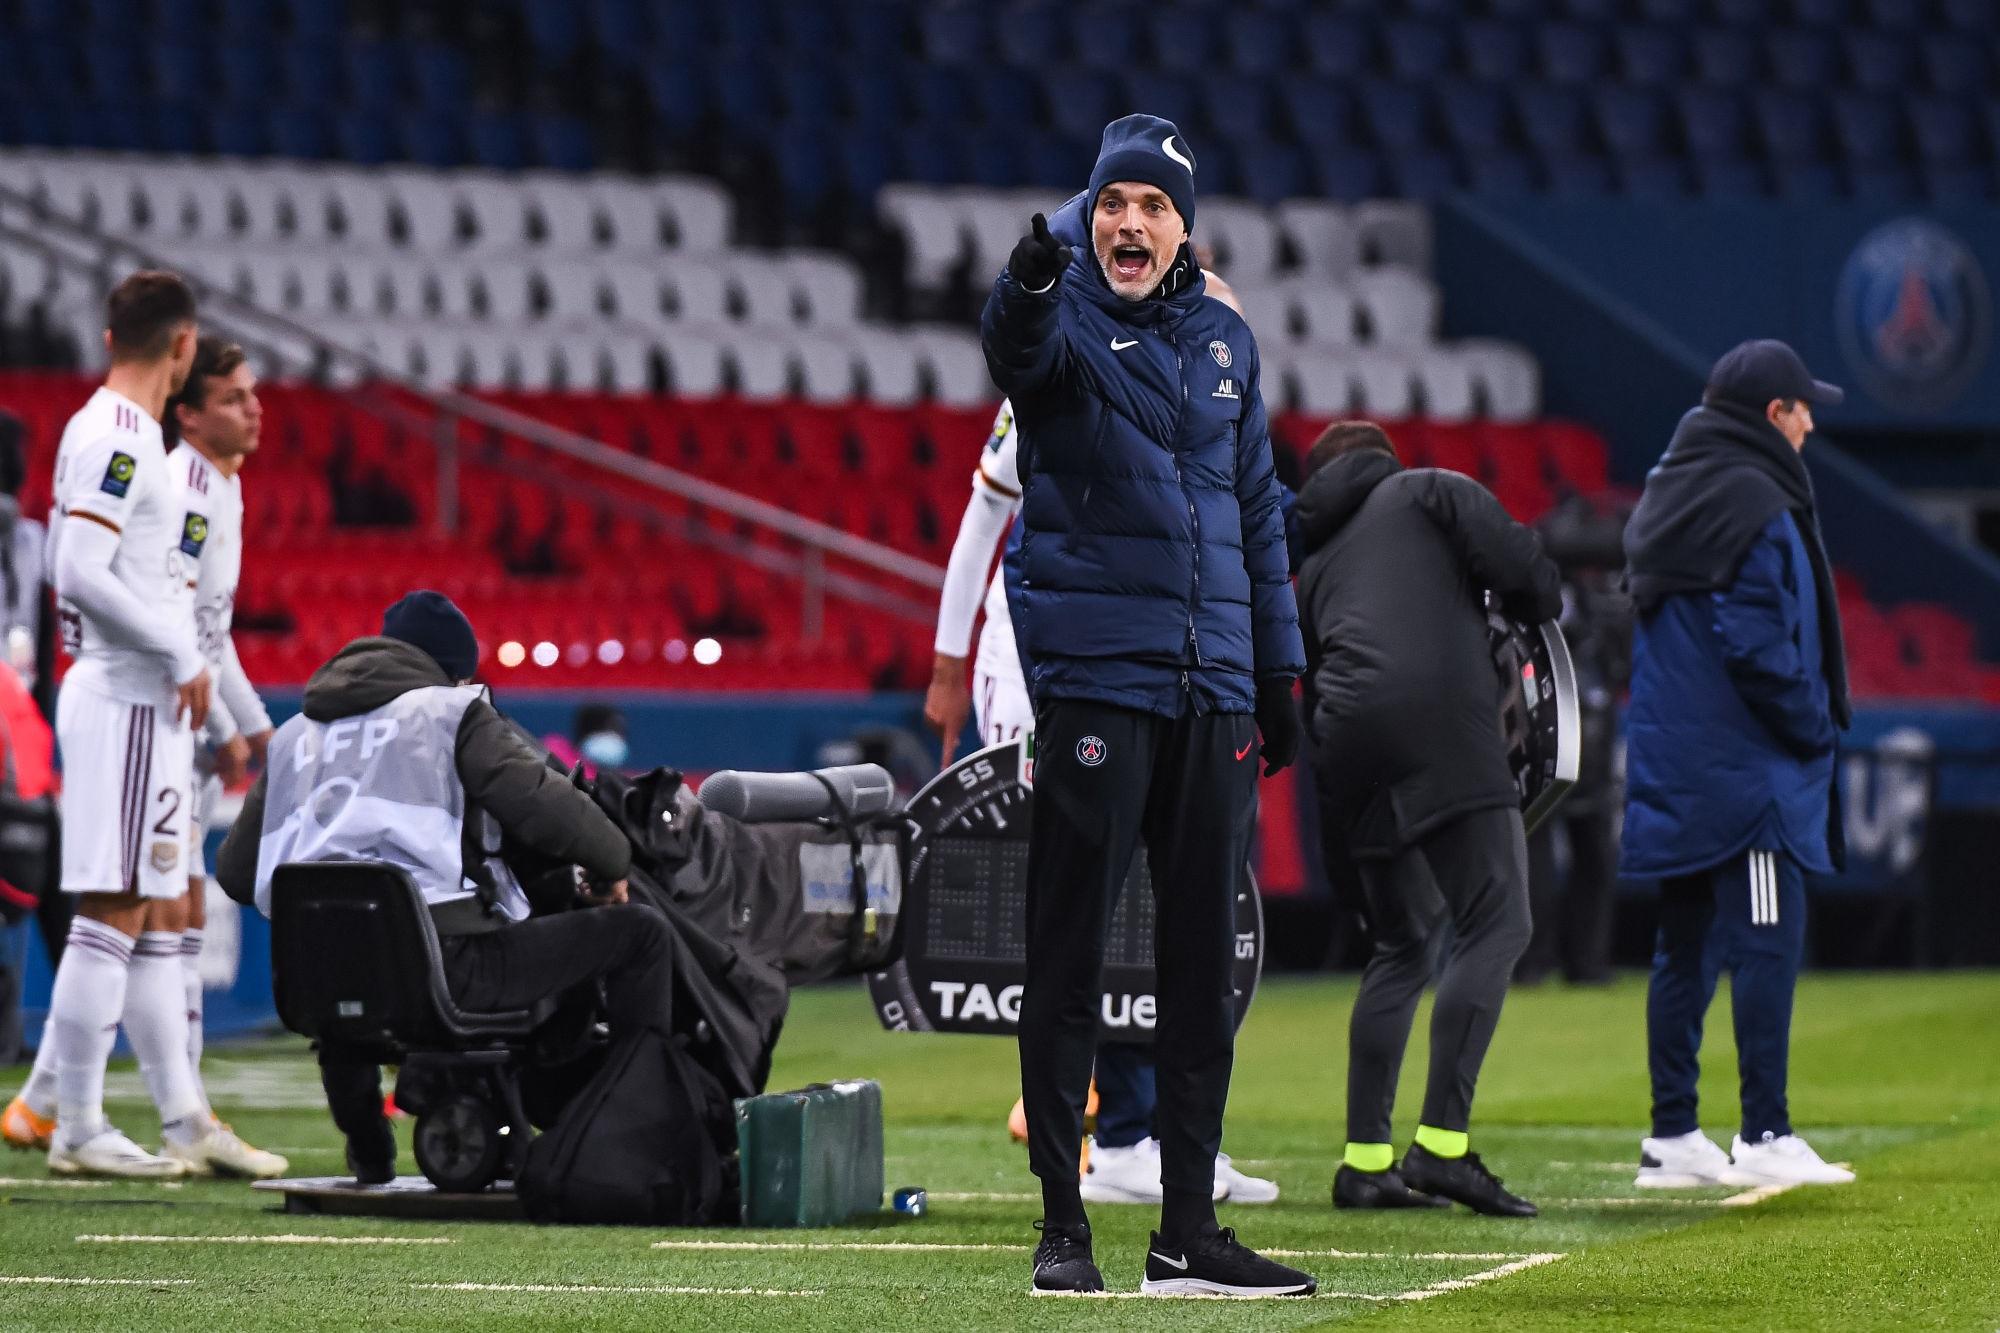 Le Parisien évoque le discours de Tuchel auprès des joueurs et leur état d'esprit avant Manchester